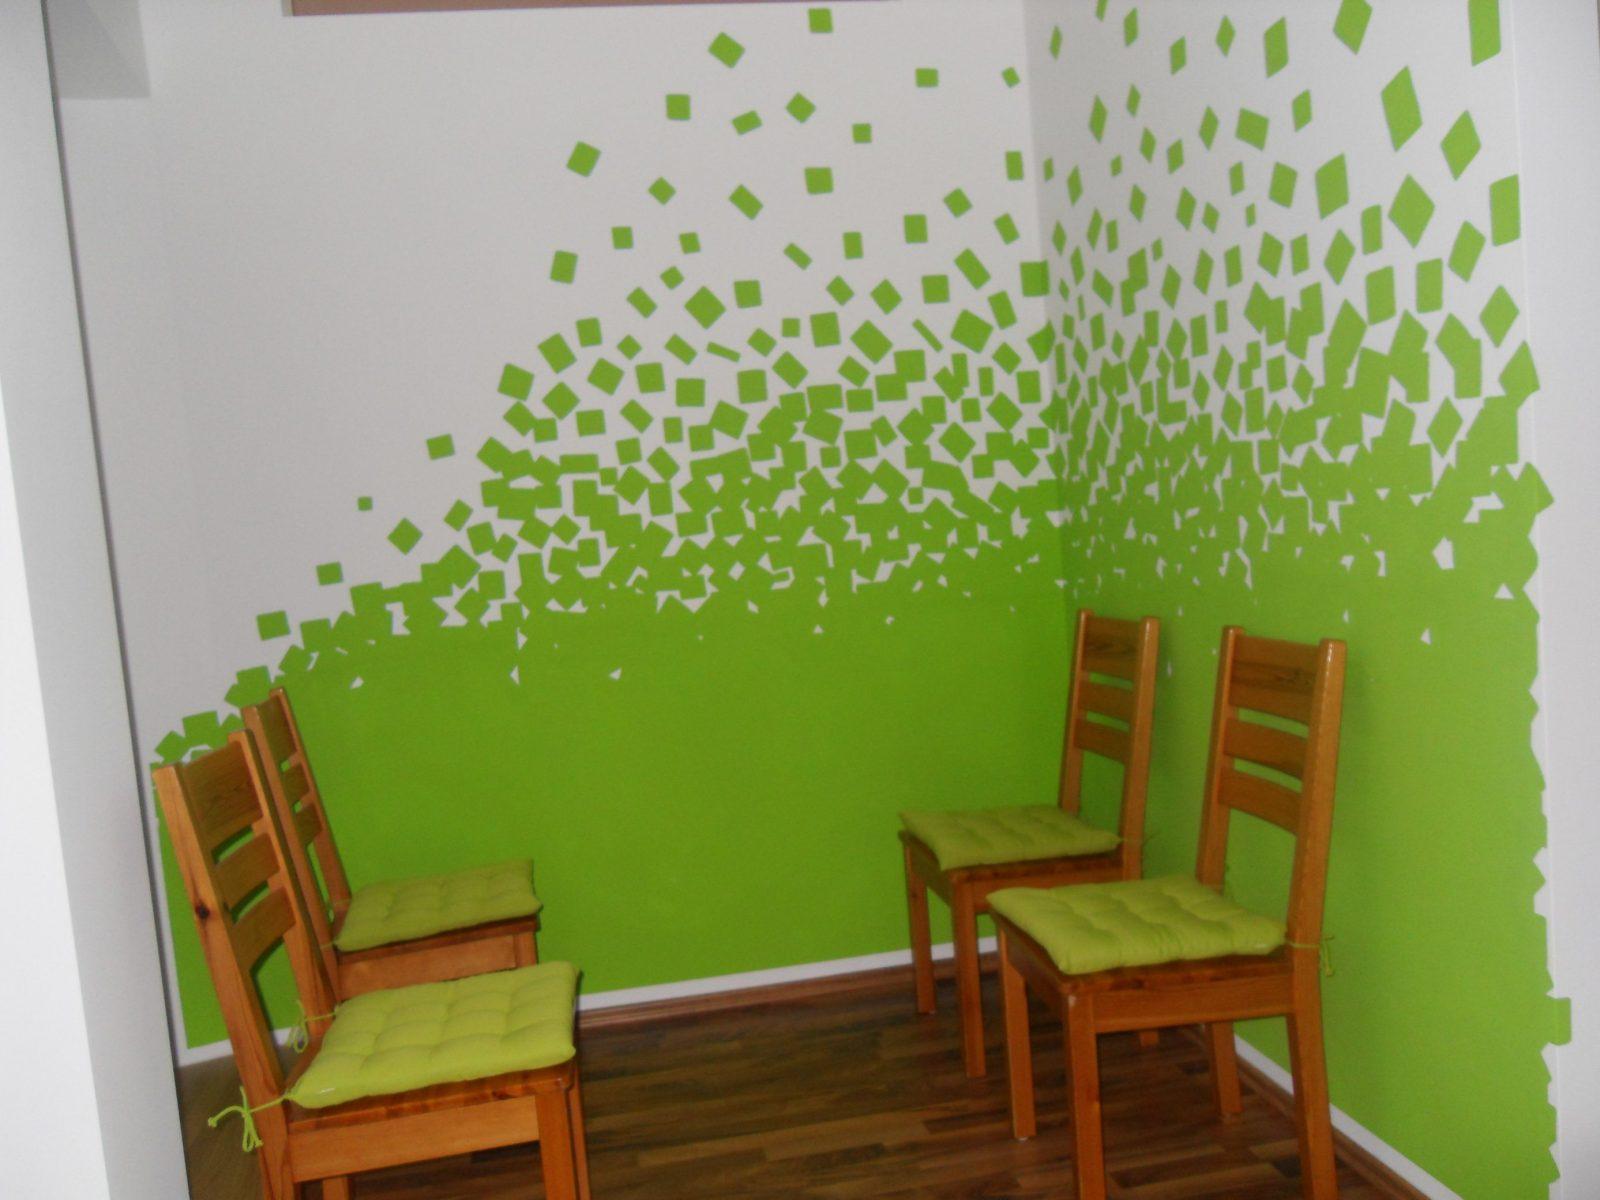 Wohnzimmer Ideen Wand Streichen Grau von Wand Grün Streichen Ideen Photo